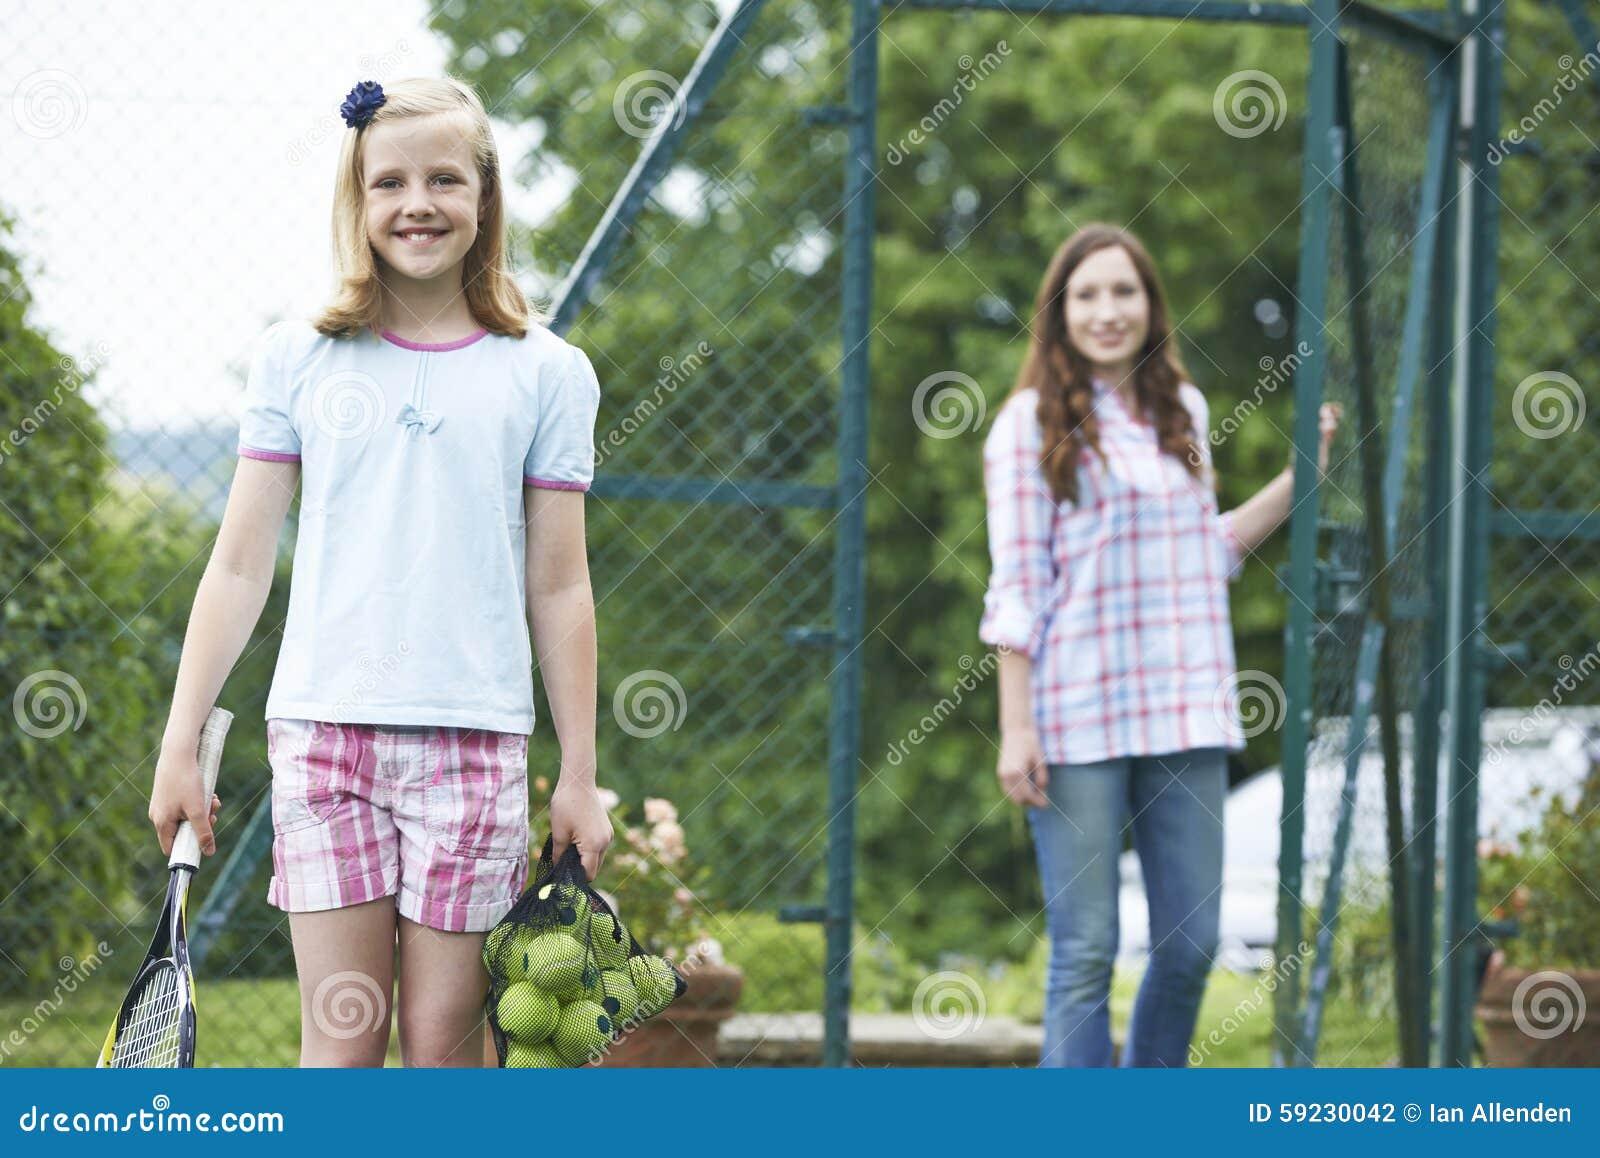 Download Hija De Caída De La Madre Apagado Para La Lección De Tenis Foto de archivo - Imagen de lección, sano: 59230042